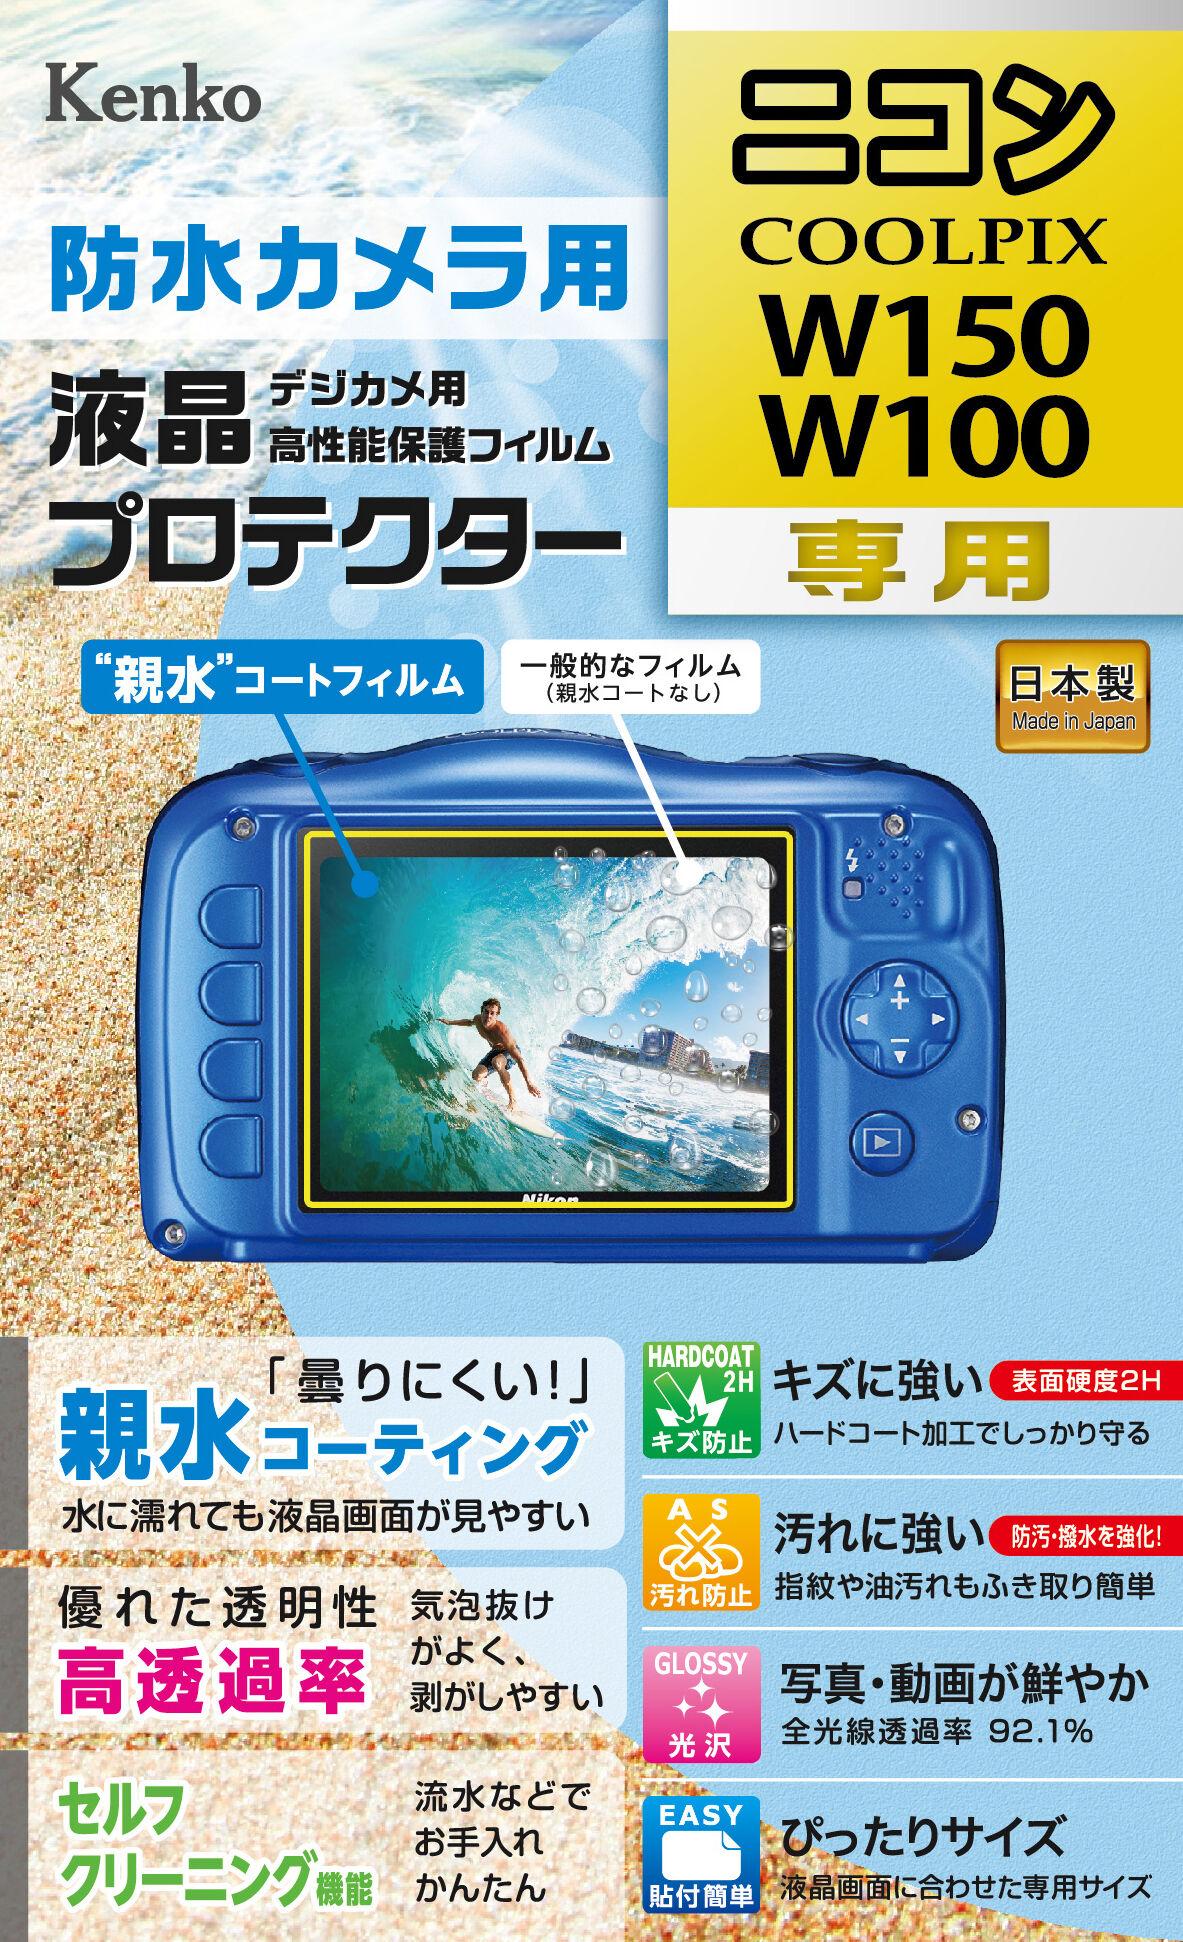 https://www.kenko-tokina.co.jp/imaging/eq/mt-images/4961607733301.jpg